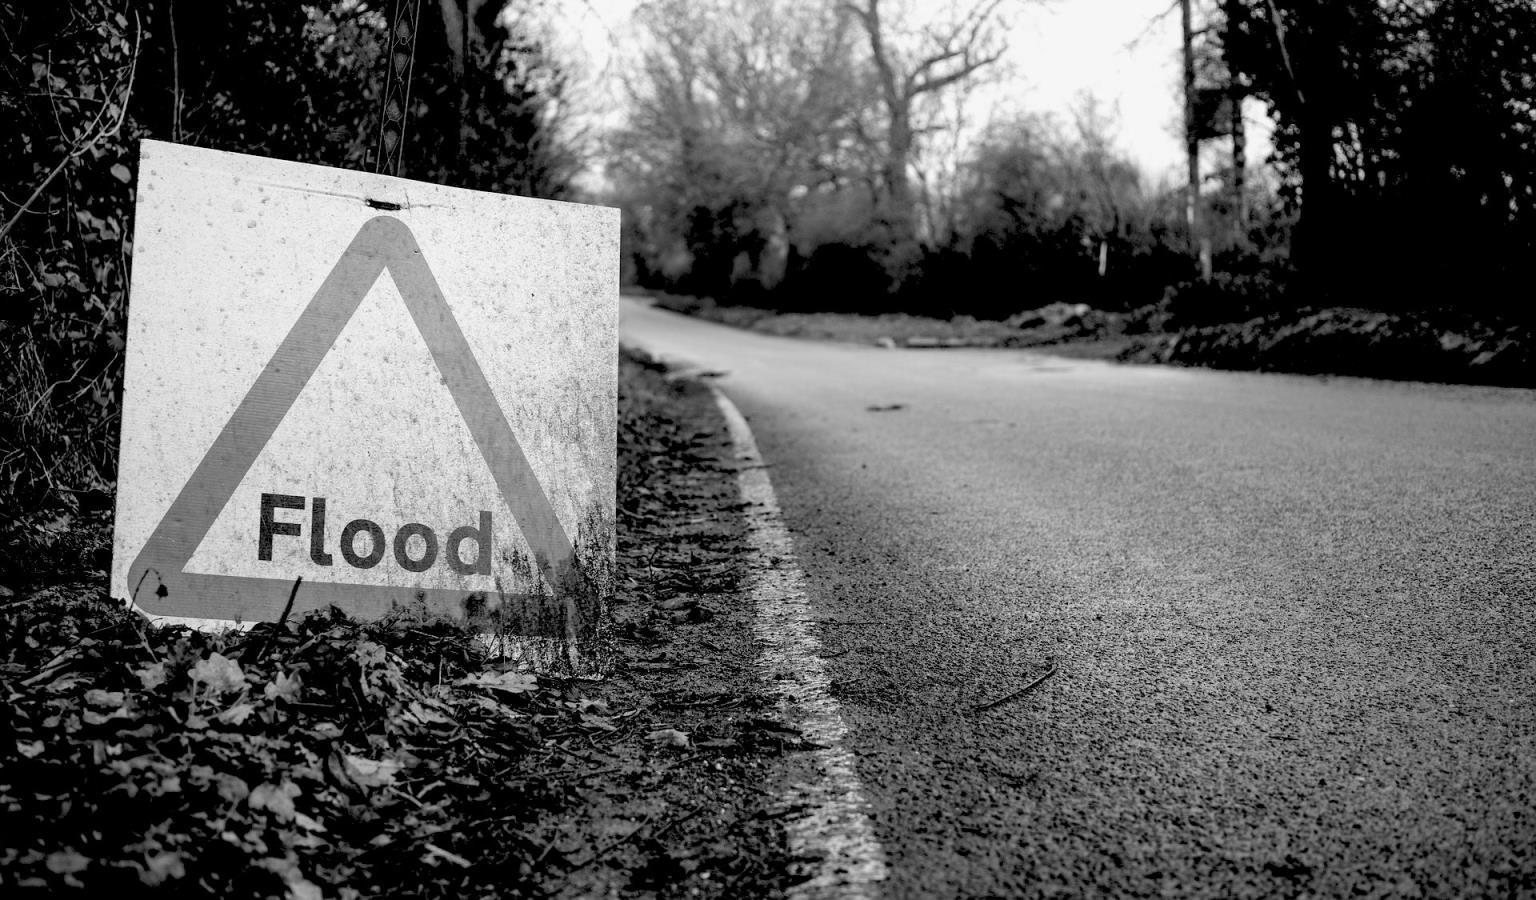 【英国房产新闻】卢顿蓄洪区风险降至600户